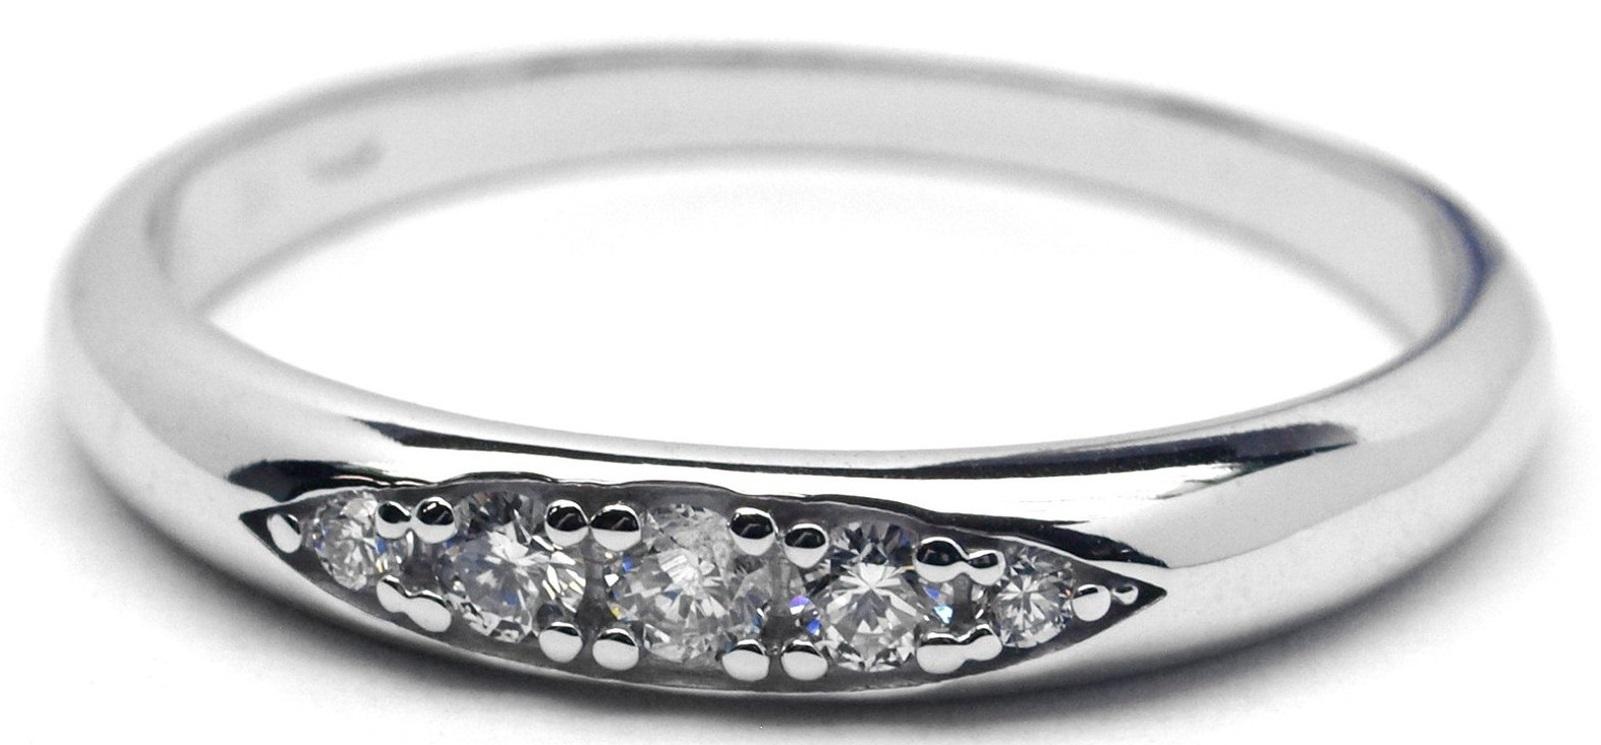 Luxusní diamantový zlatý prsten s diamantem - libovolná velikost J-28239-17